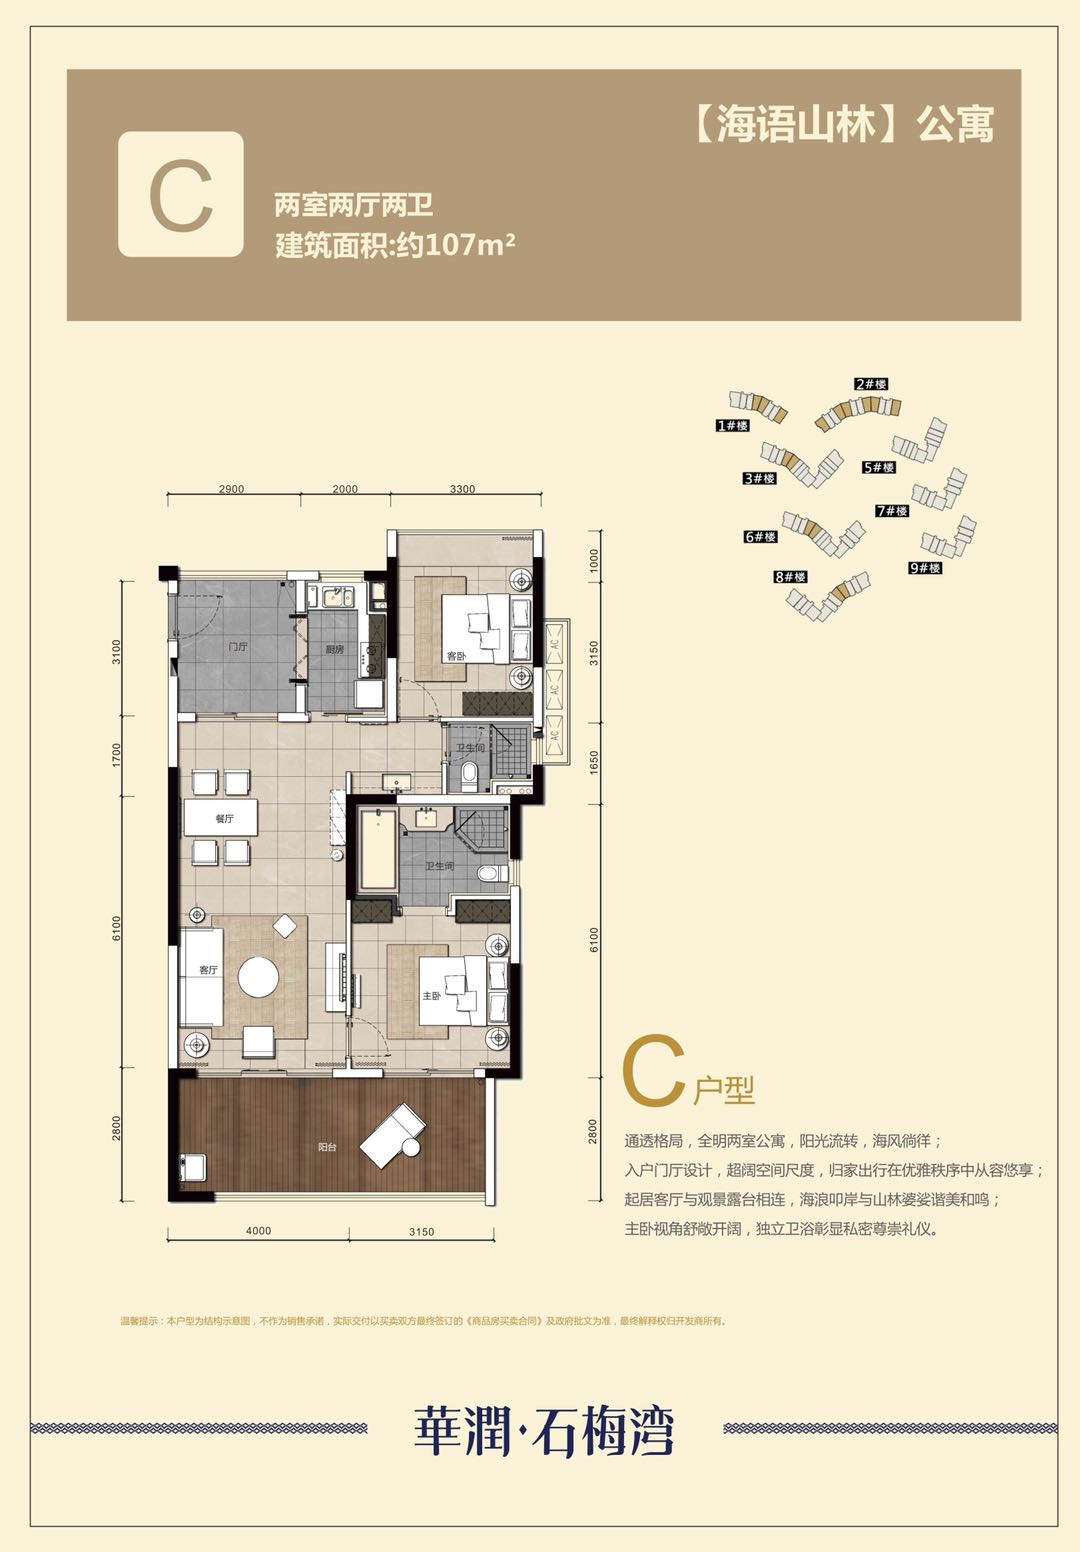 萬寧華潤石梅灣九里位置-三亞口碑好的房產中介公司有哪家